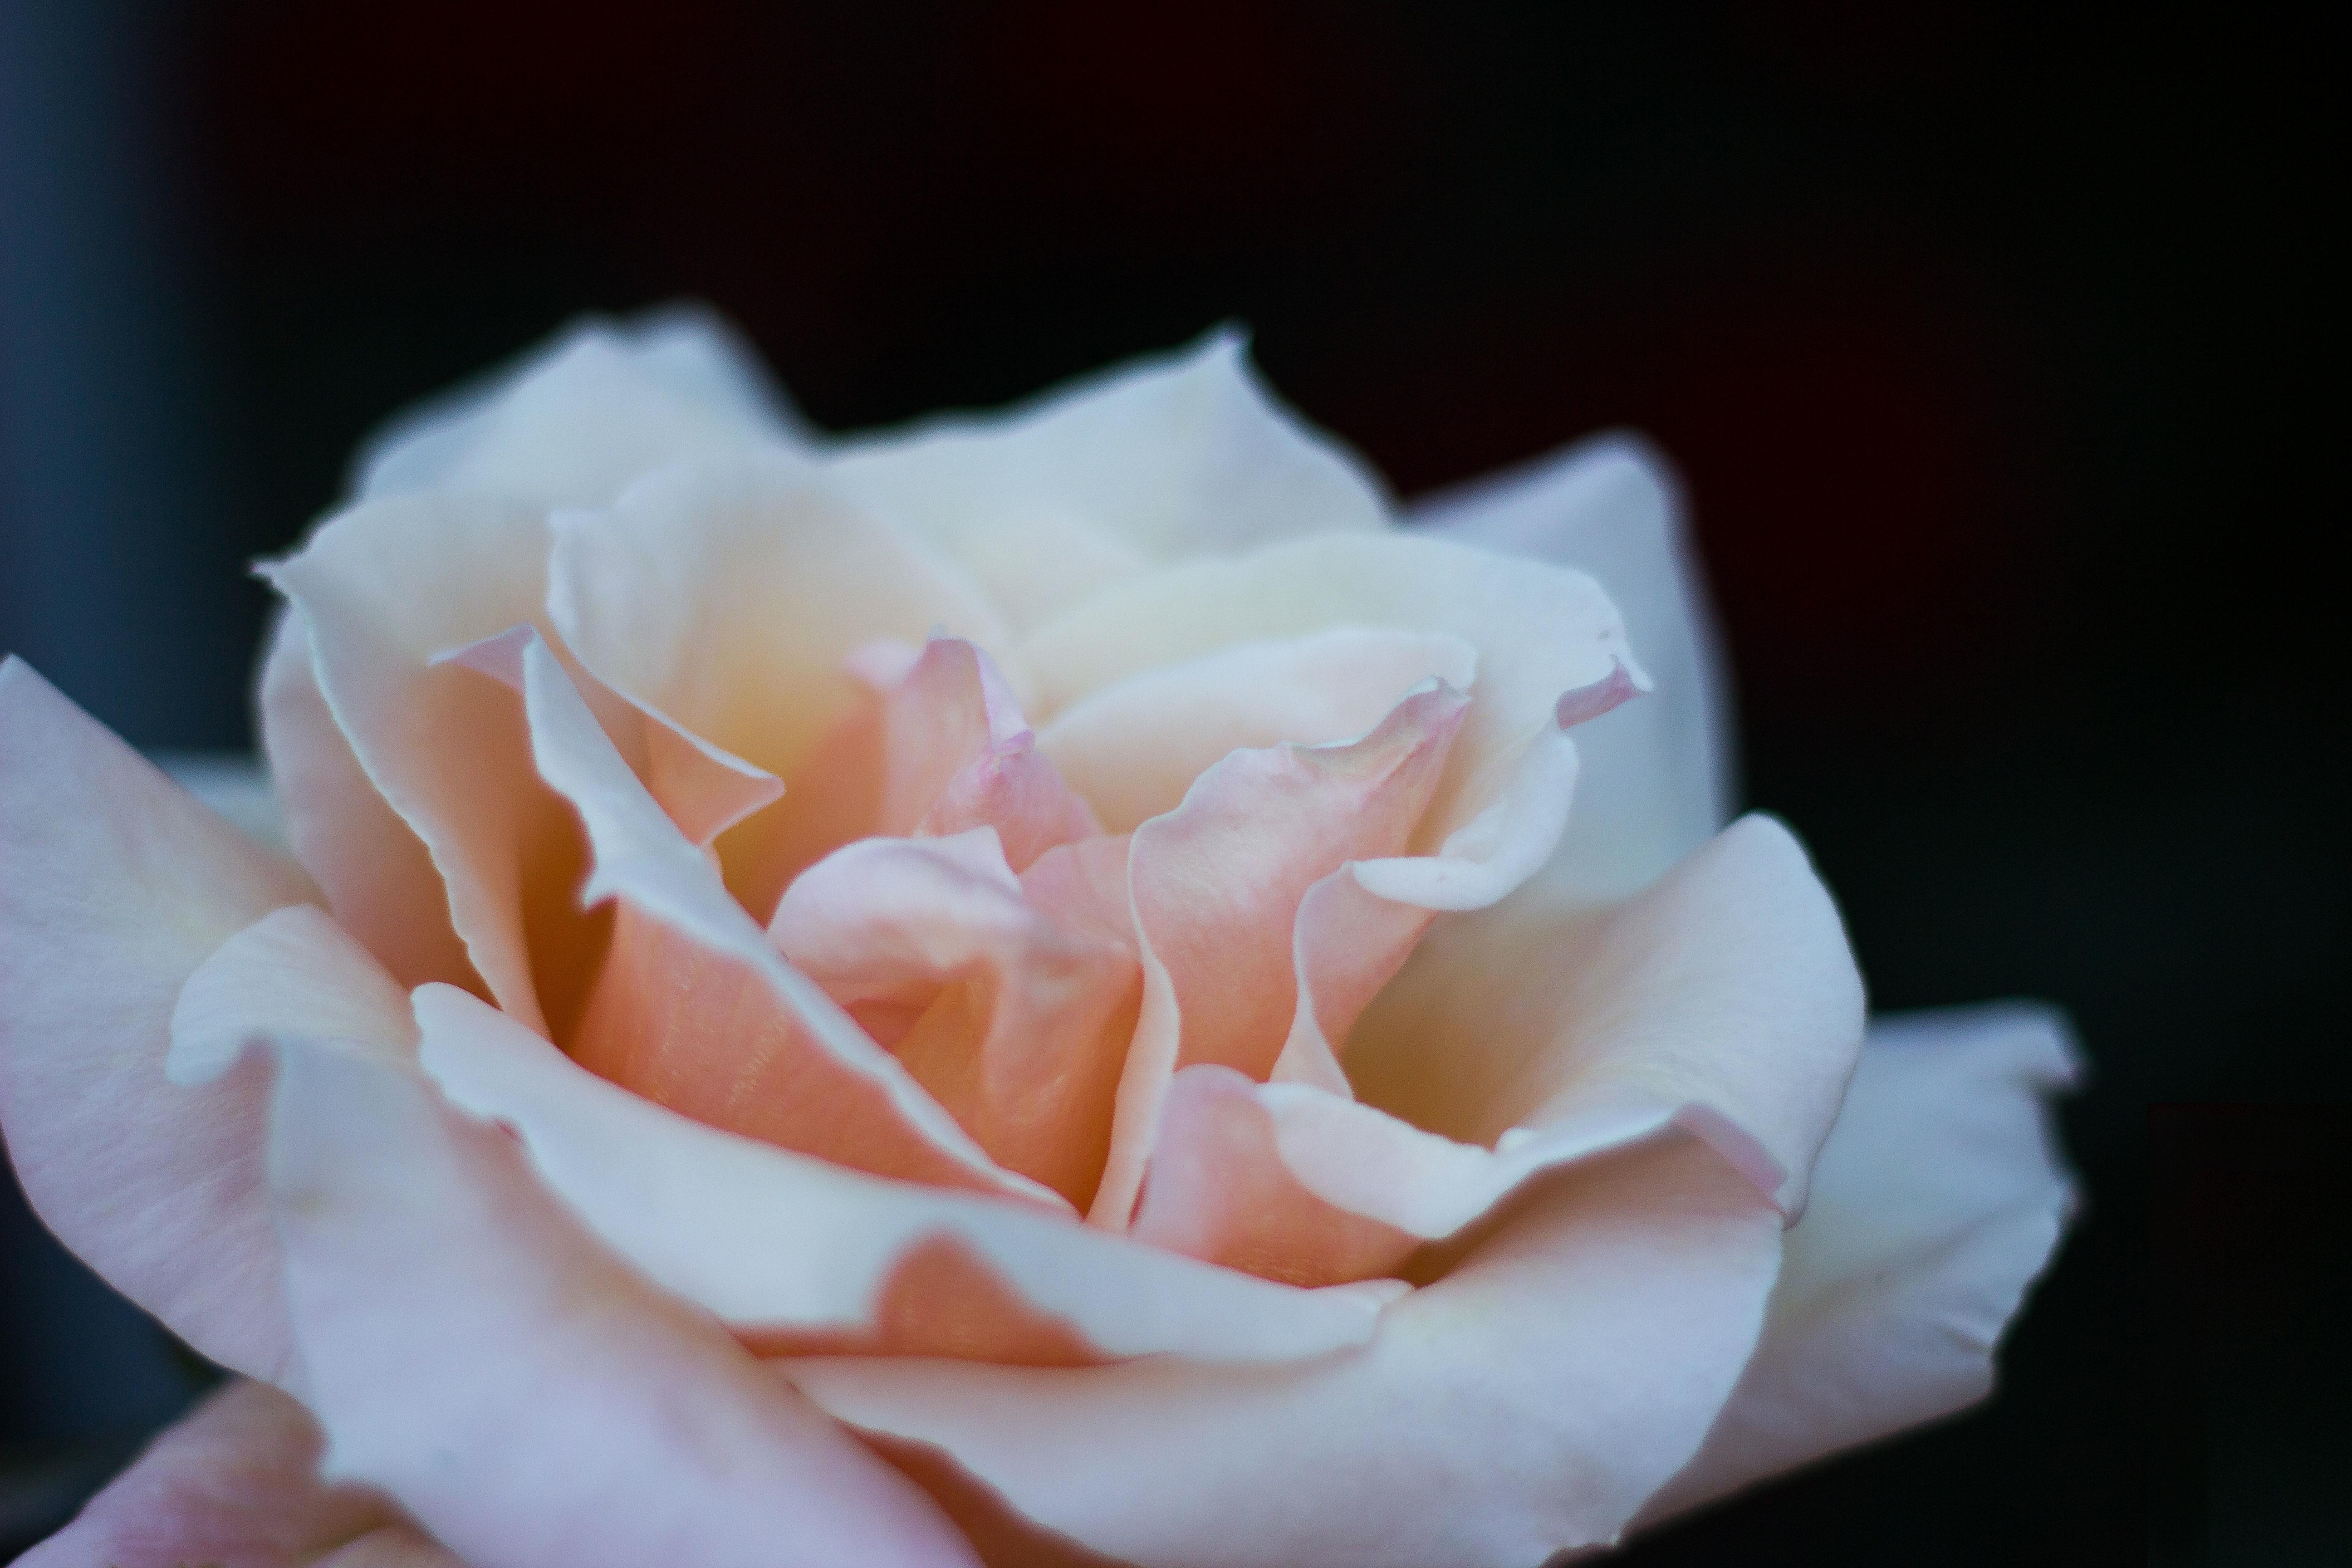 menanam putih fotografi bunga daun bunga mawar berwarna merah muda Flora kelopak bunga mawar merapatkan floribunda